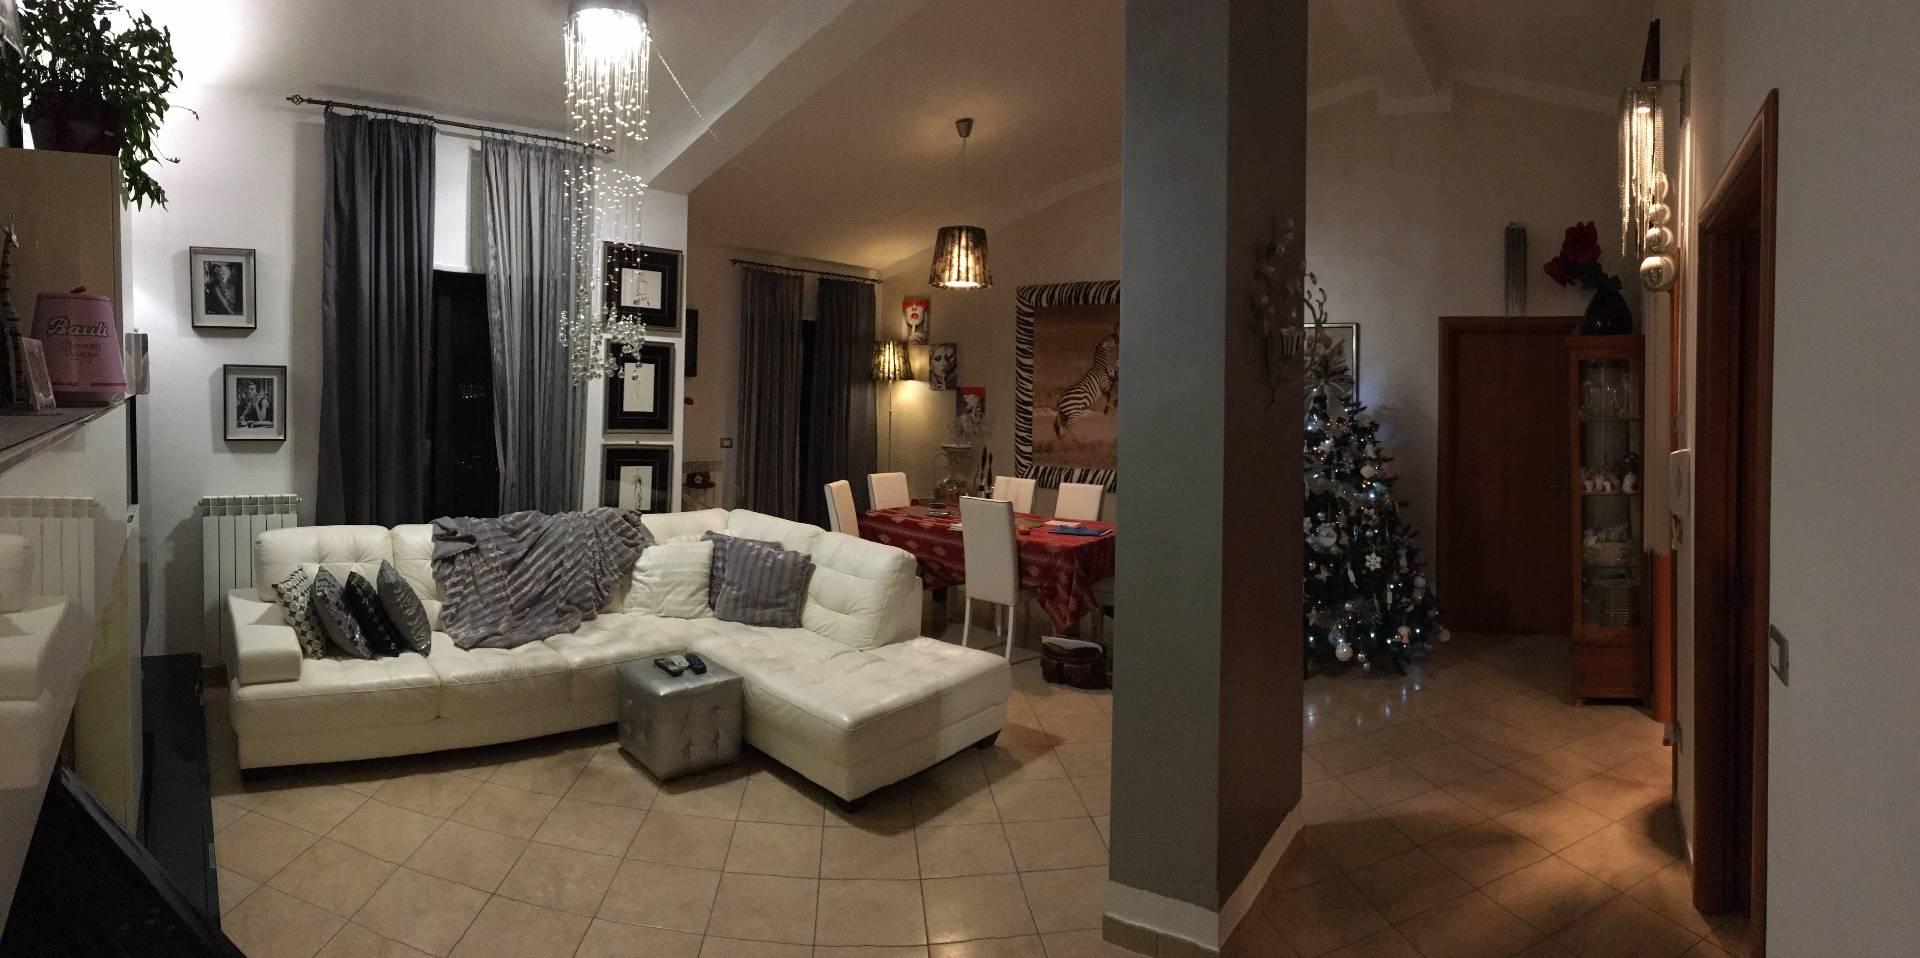 Appartamento in vendita a Settingiano, 4 locali, prezzo € 140.000 | Cambio Casa.it